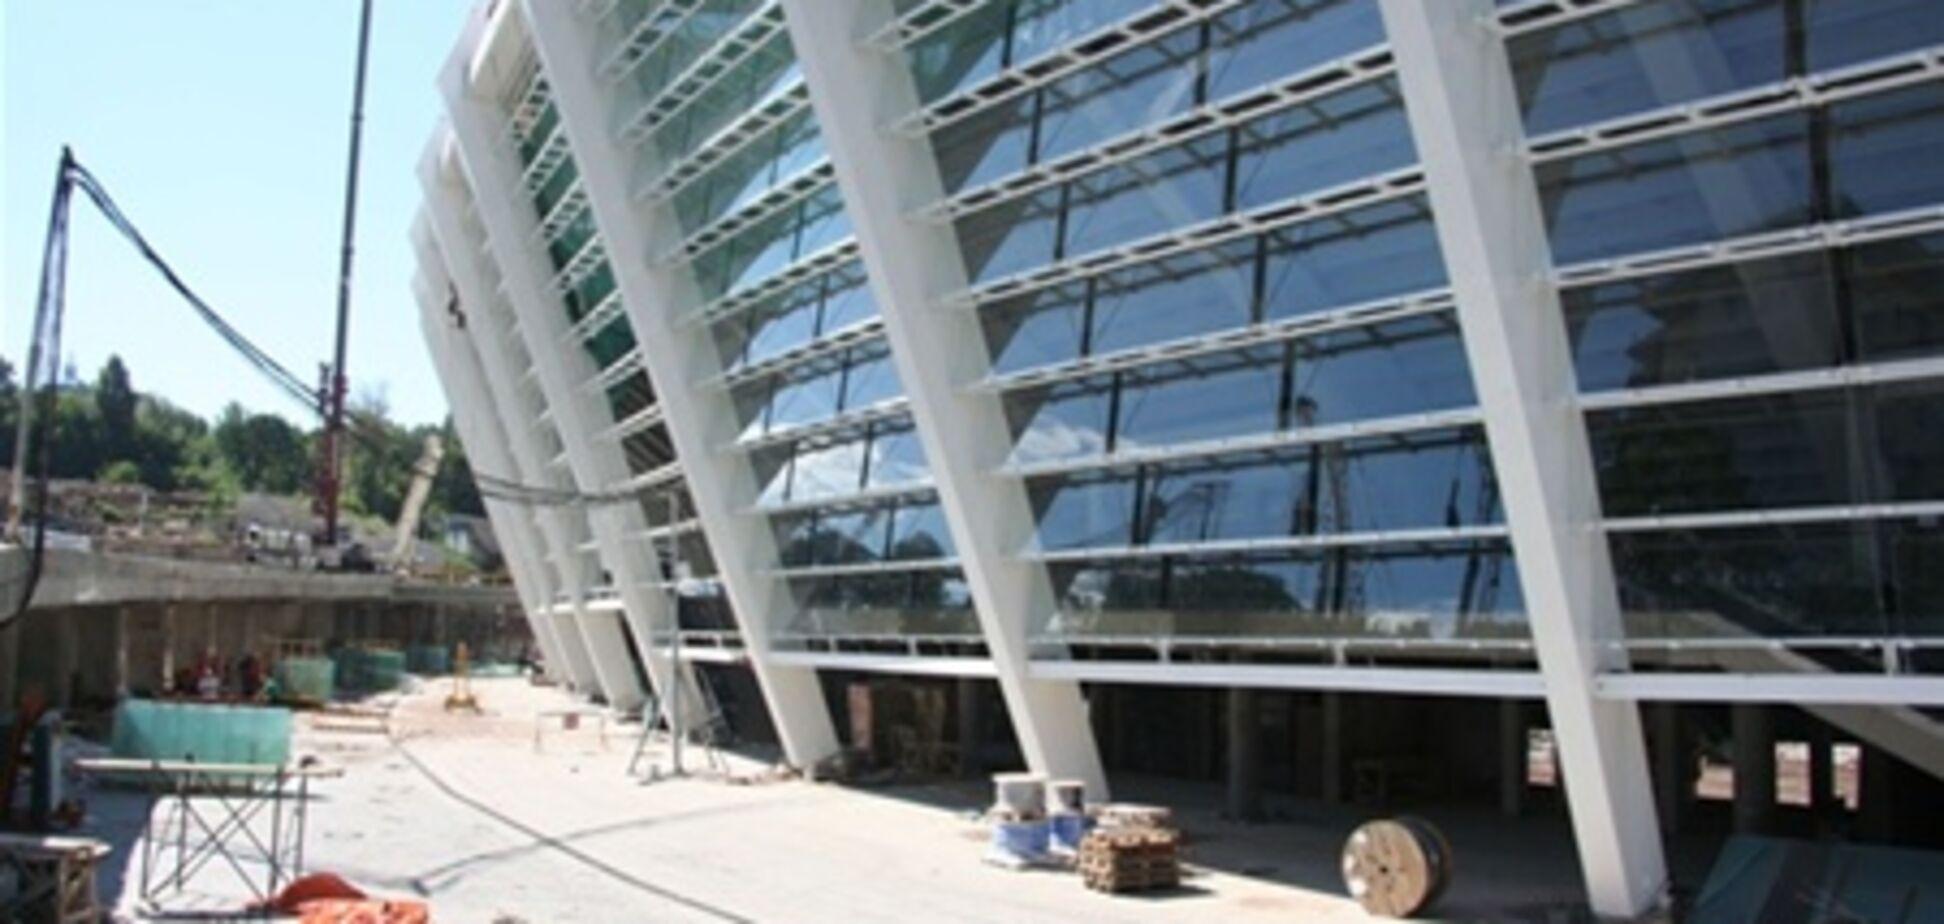 Остекление фасада и монтаж мембраны 'Олимпийского' (ФОТО)